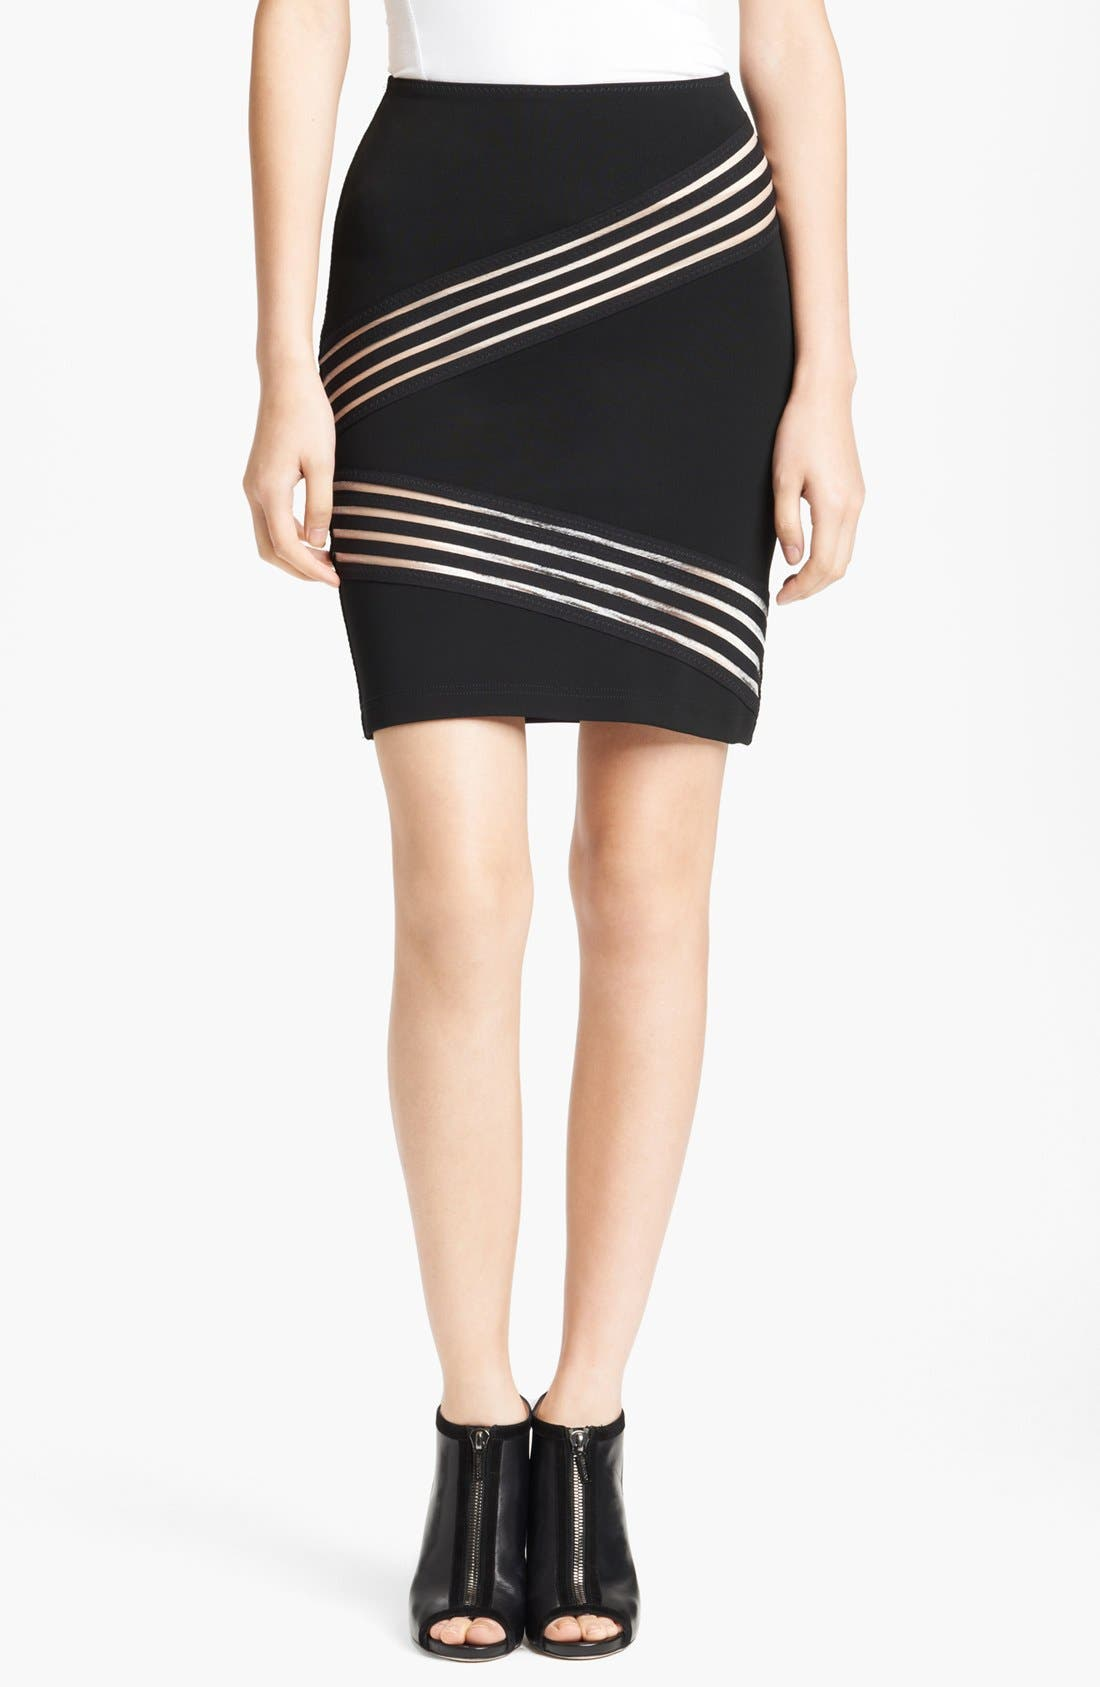 Alternate Image 1 Selected - Christopher Kane Tape Detail Pencil Skirt